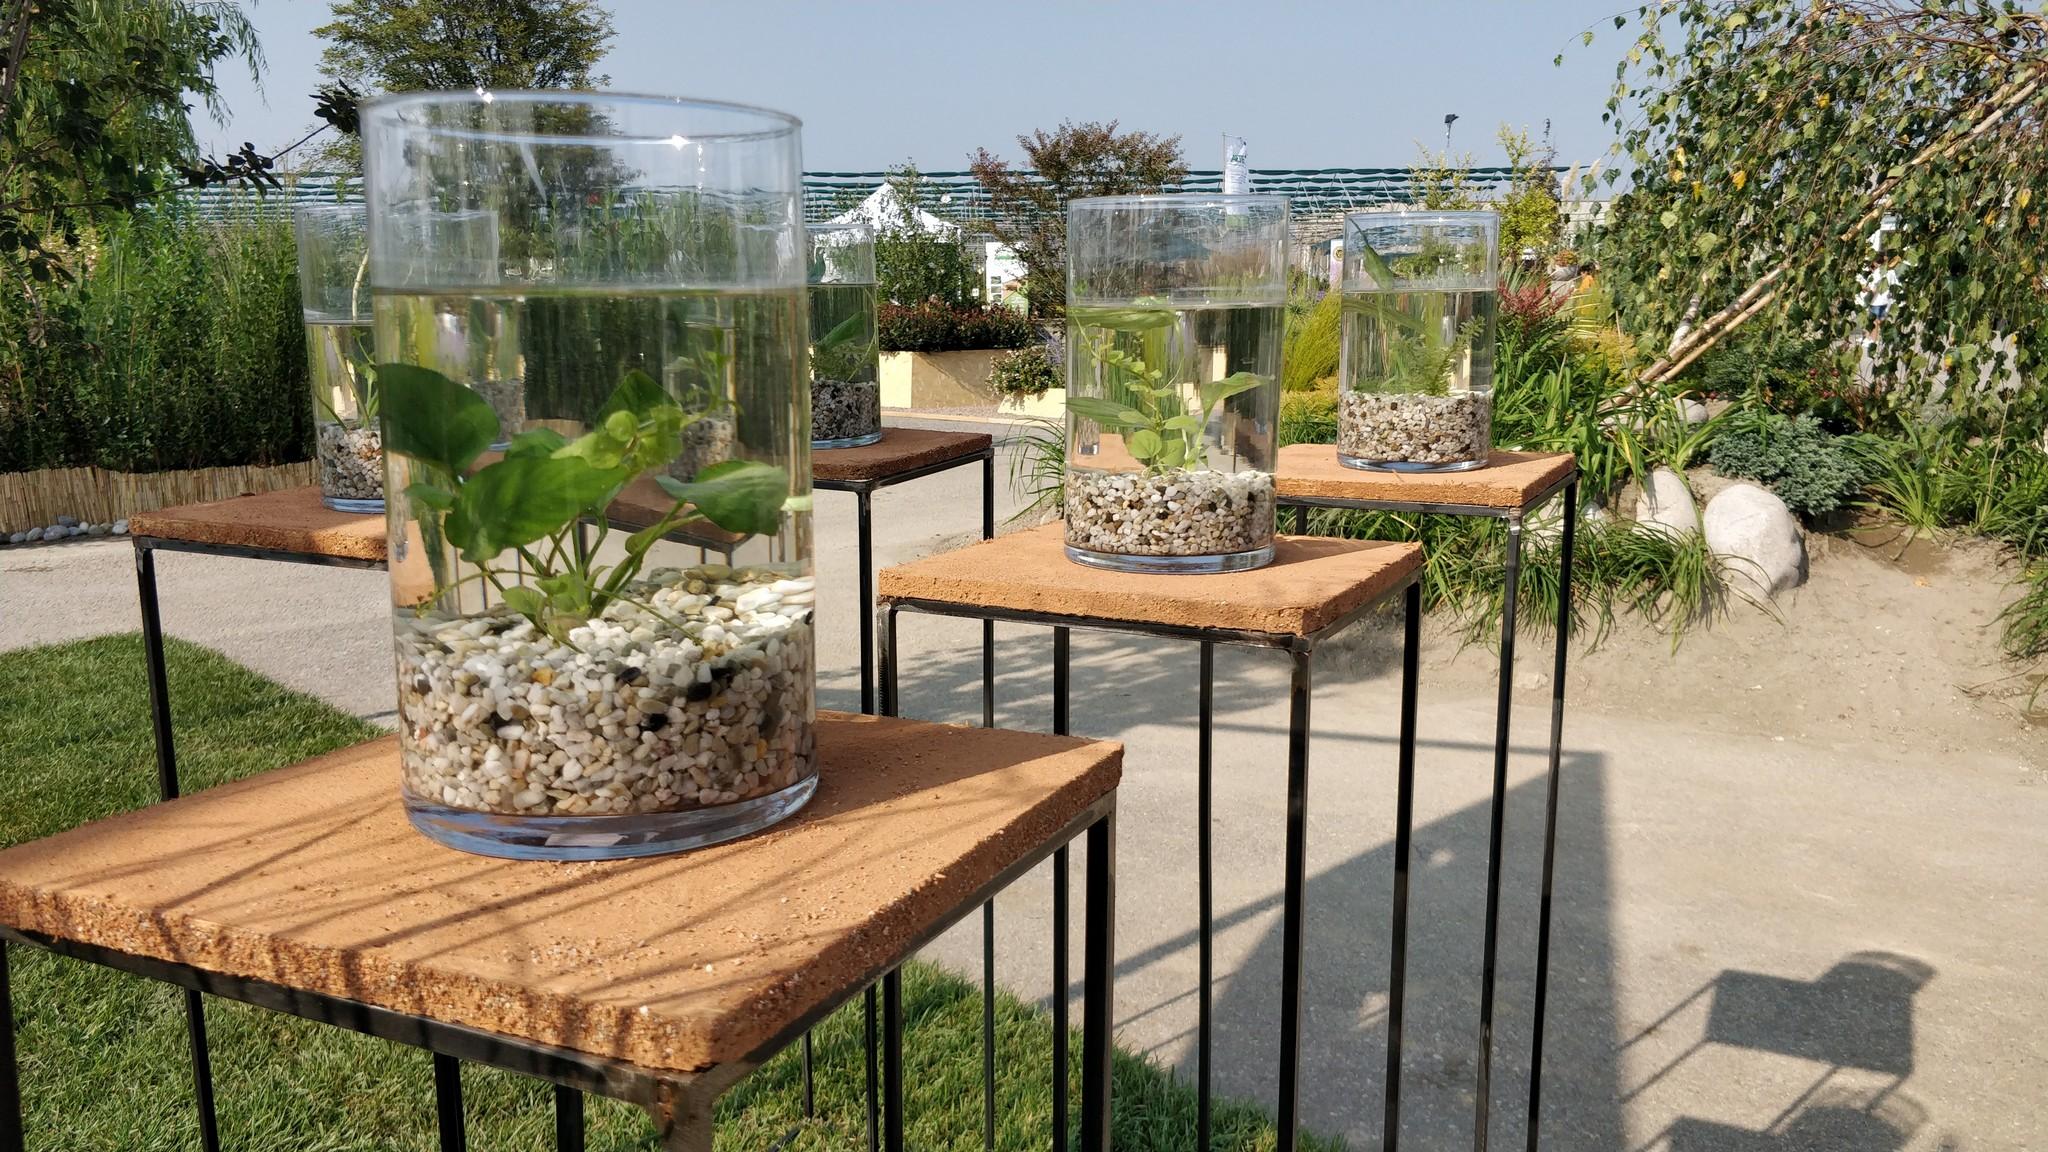 Concorso giardini Verdeggiando_65 Il valore del verde (BP277) Barbara Ponti